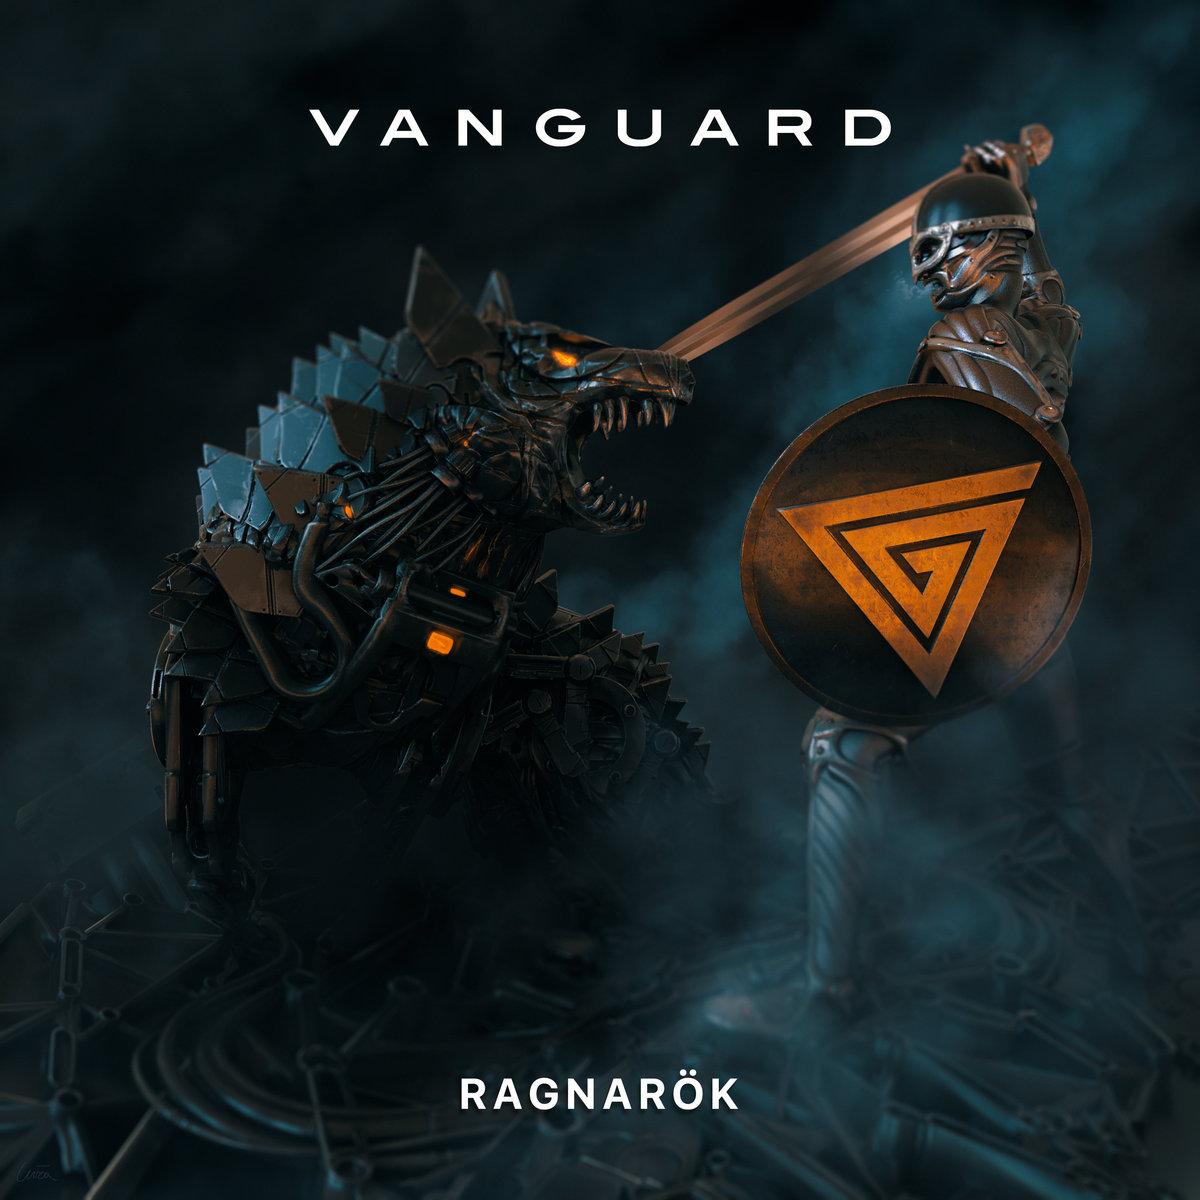 Vanguard - Ragnarök - Vanguard - Ragnarök